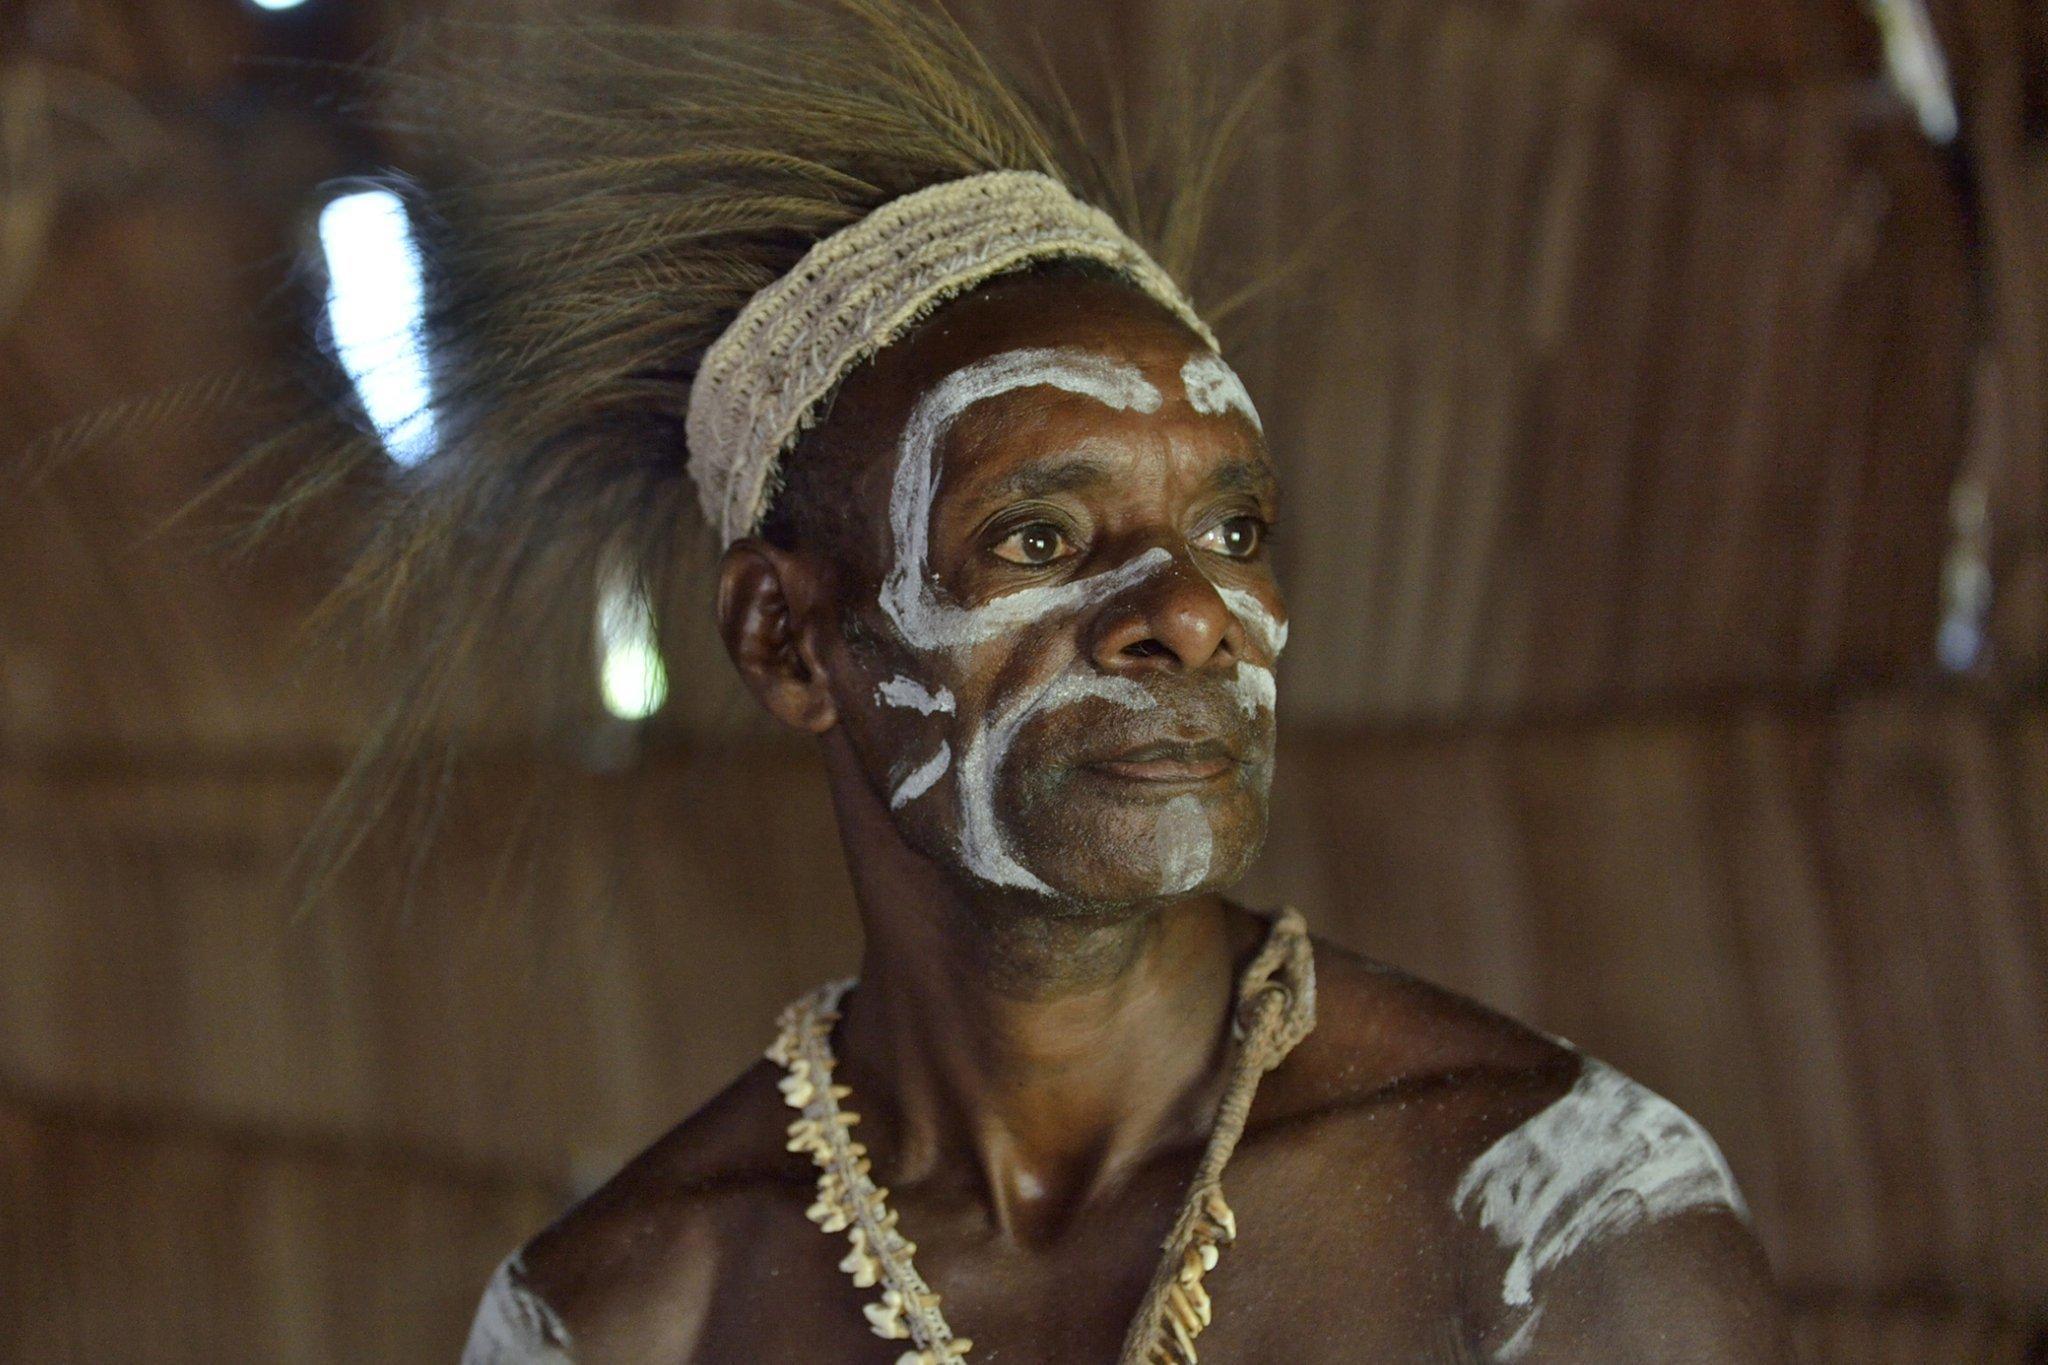 Das Bild zeigt einen Mann aus dem Volk der Asmat in Neuguinea. Er trägt eine Kette, ist im Gesicht weiß geschminkt, die Hare mit einem breiten Band nach oben gebunden, und strahlt viel Selbstbewusstsein aus. Die Papua, zu denen er gehört, tragen im Durchschnitt rund drei Prozent Erbgut der Denisova-Menschen in sich und profitieren davon.